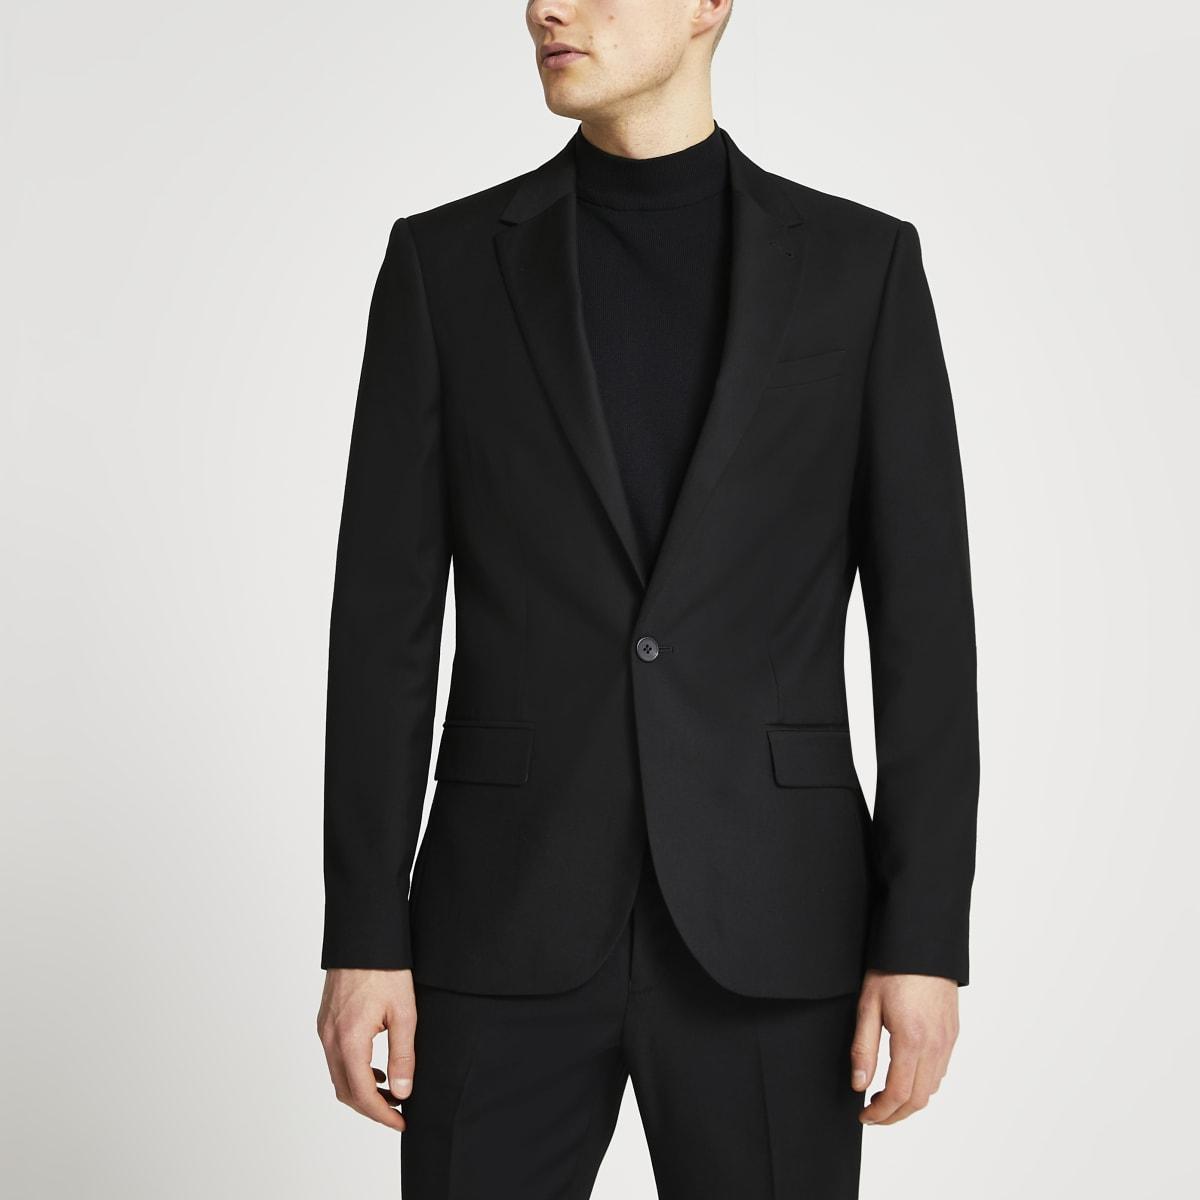 Schwarze Skinny Fit Anzugjacke